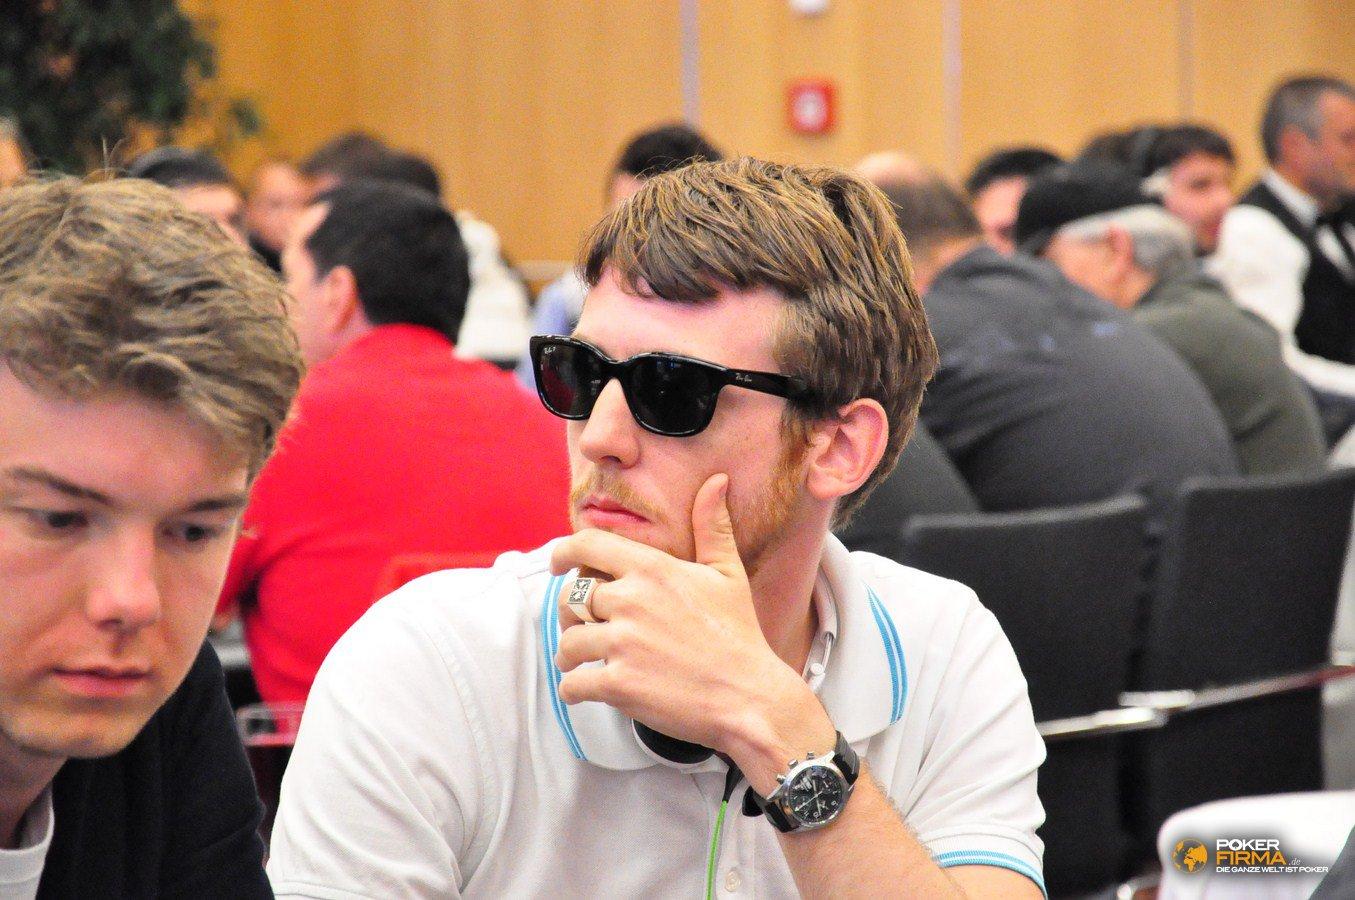 CAPT-Velden-2012-Main-Event-139.JPG